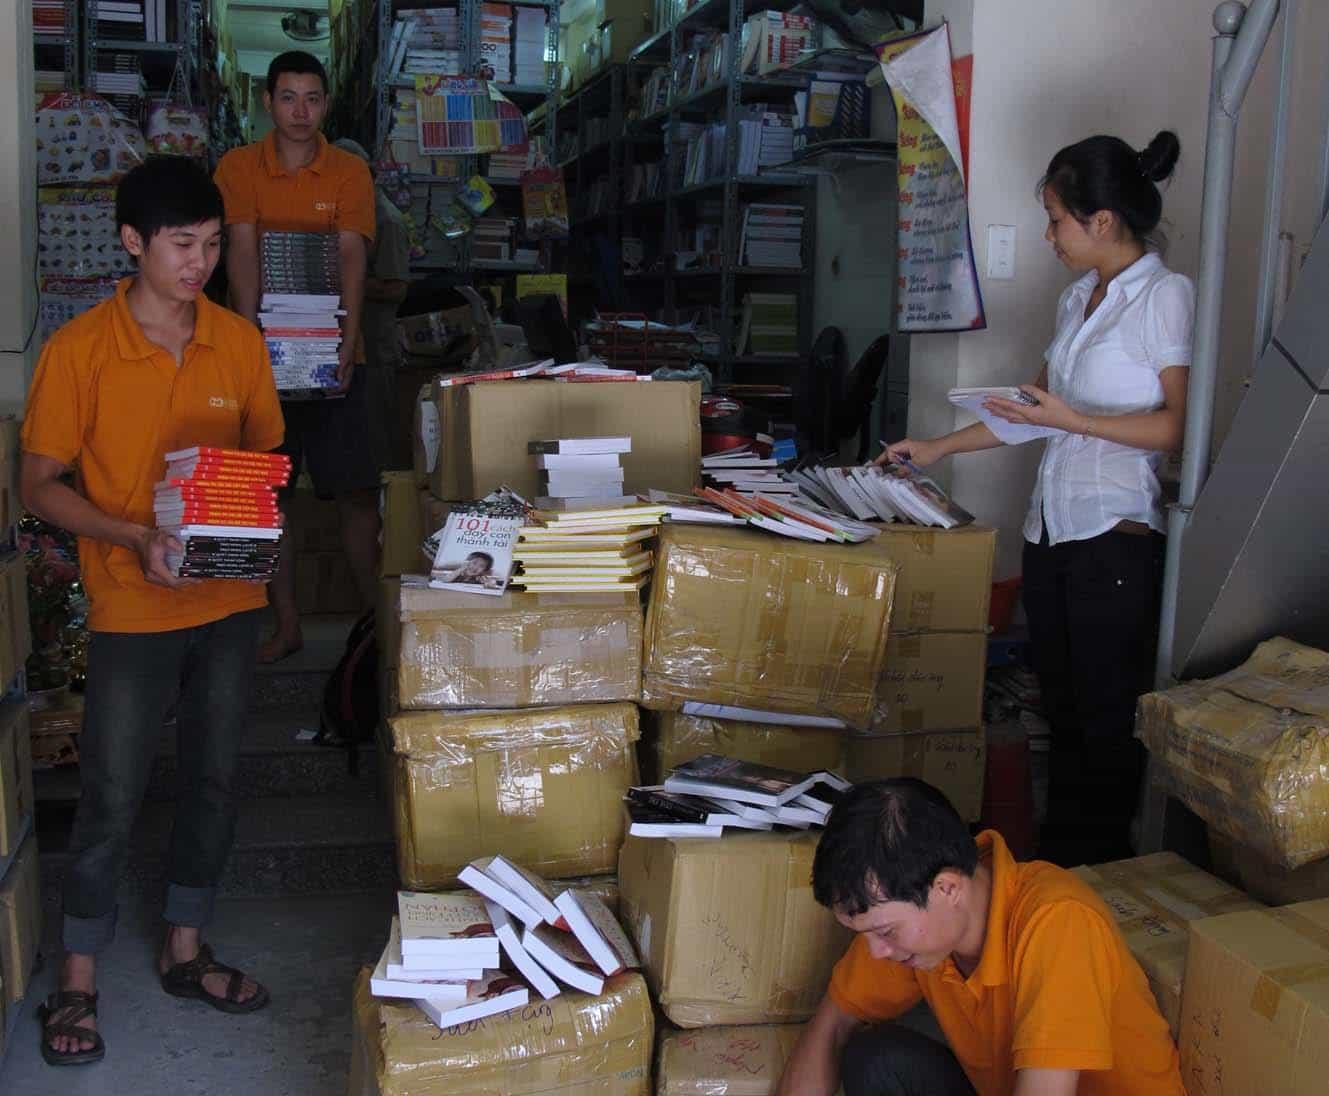 chuyen-hang-di-my-va-van-chuyen-sach-vo-sang-my Chuyển Hàng Đi Mỹ và Vận Chuyển Sách Vở Sang Mỹ Giá Rẻ